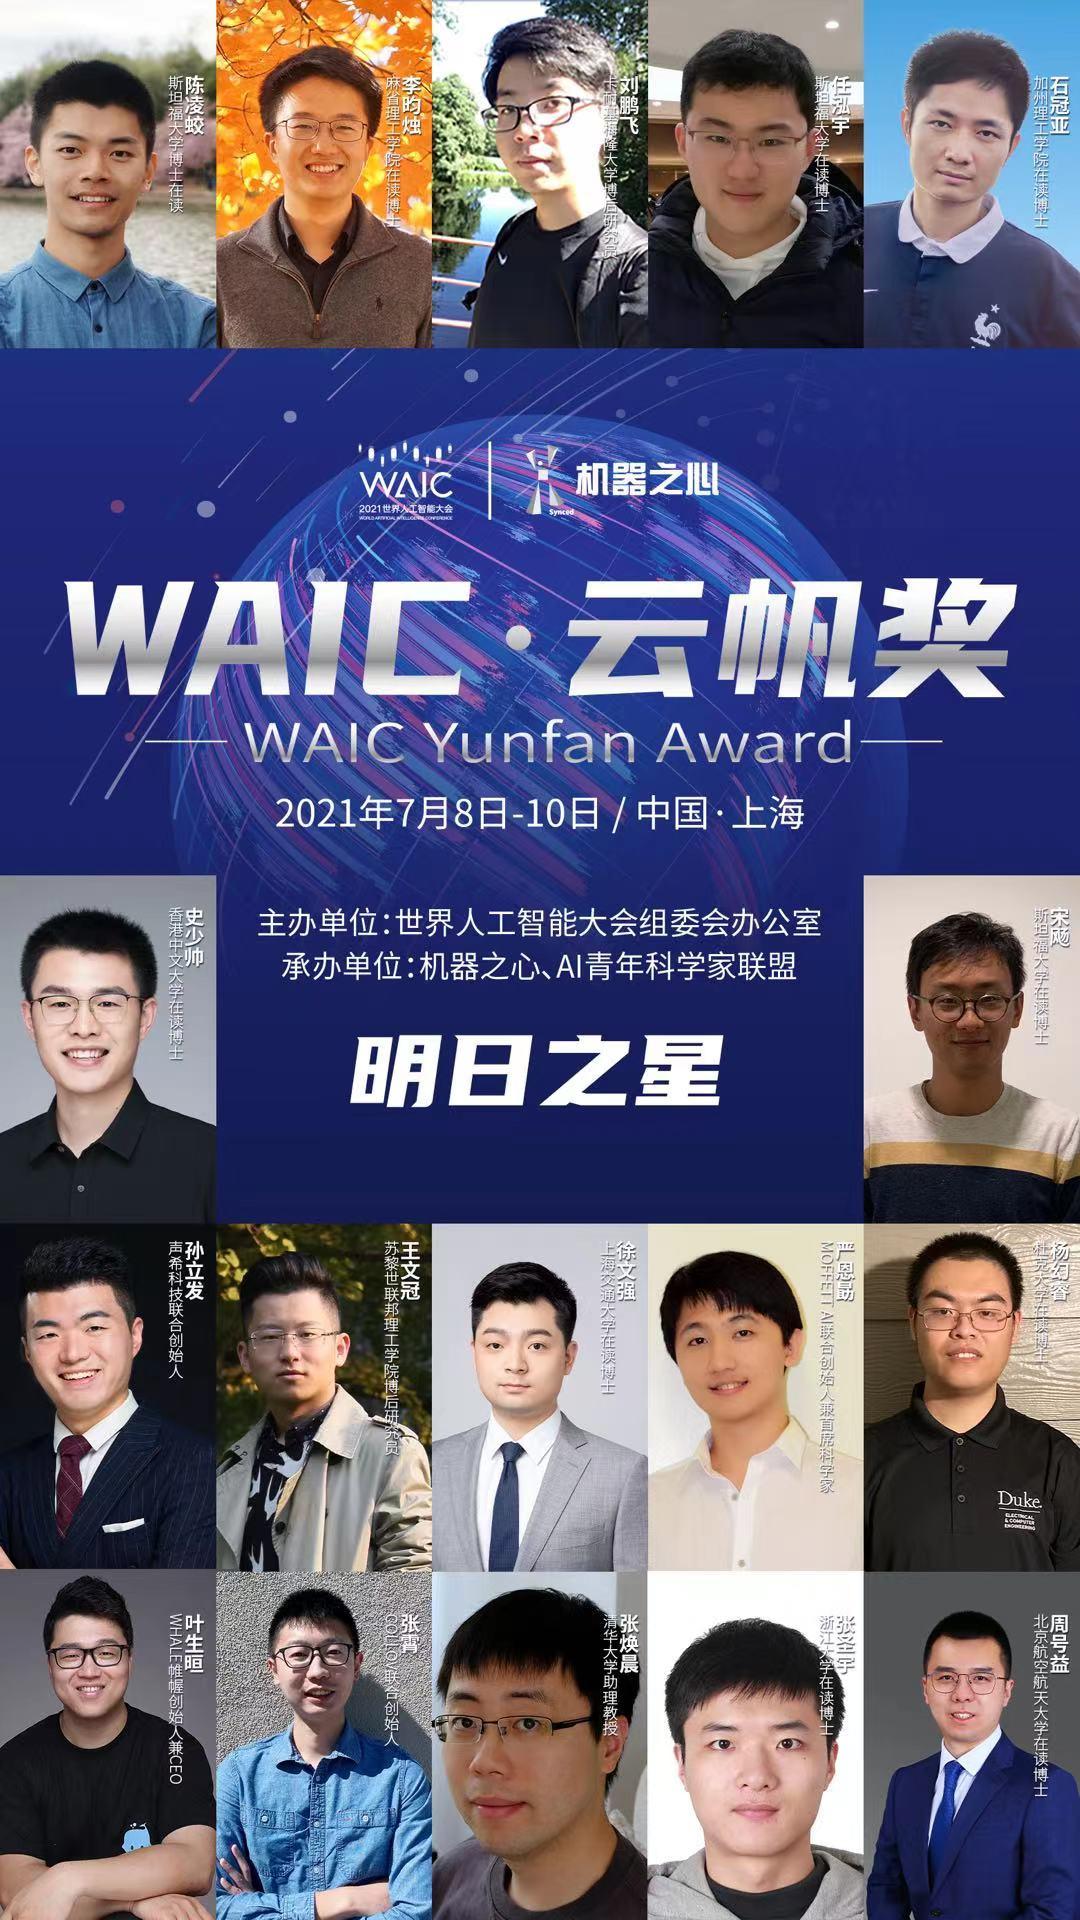 人工智能为火种,点燃下一代工业革命!WAIC云帆奖获得者名单公布